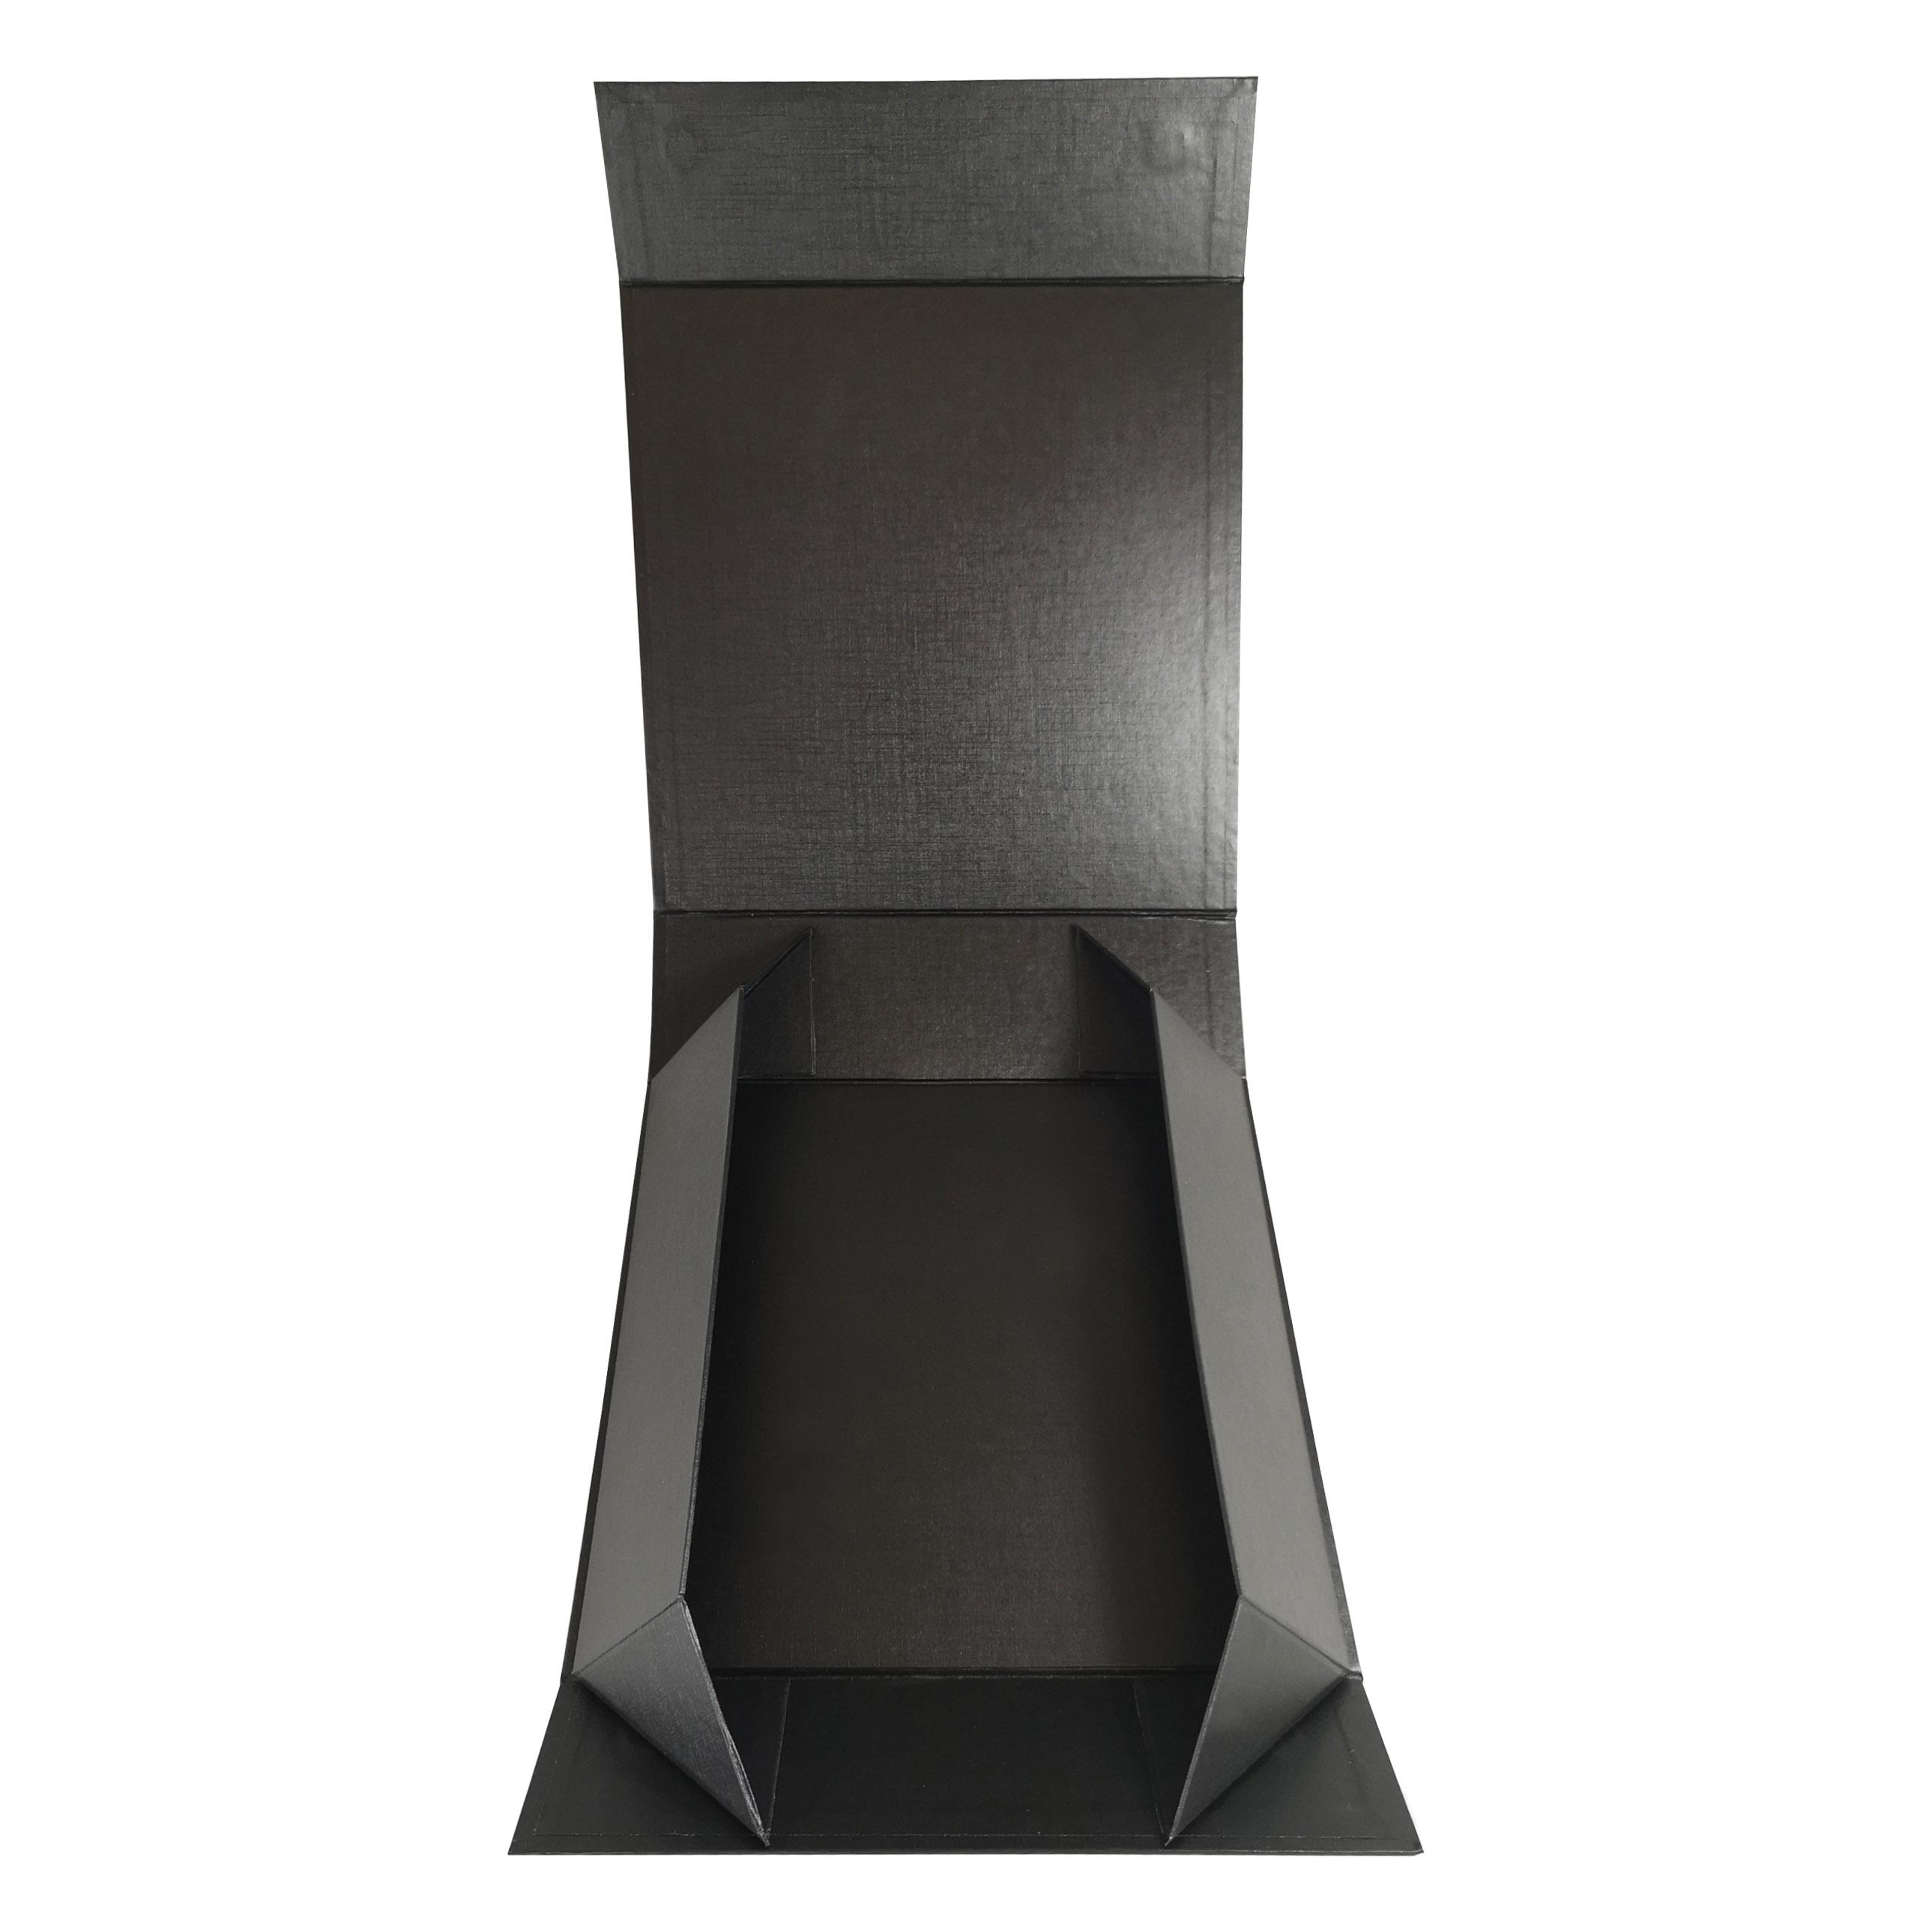 Black paper folding box